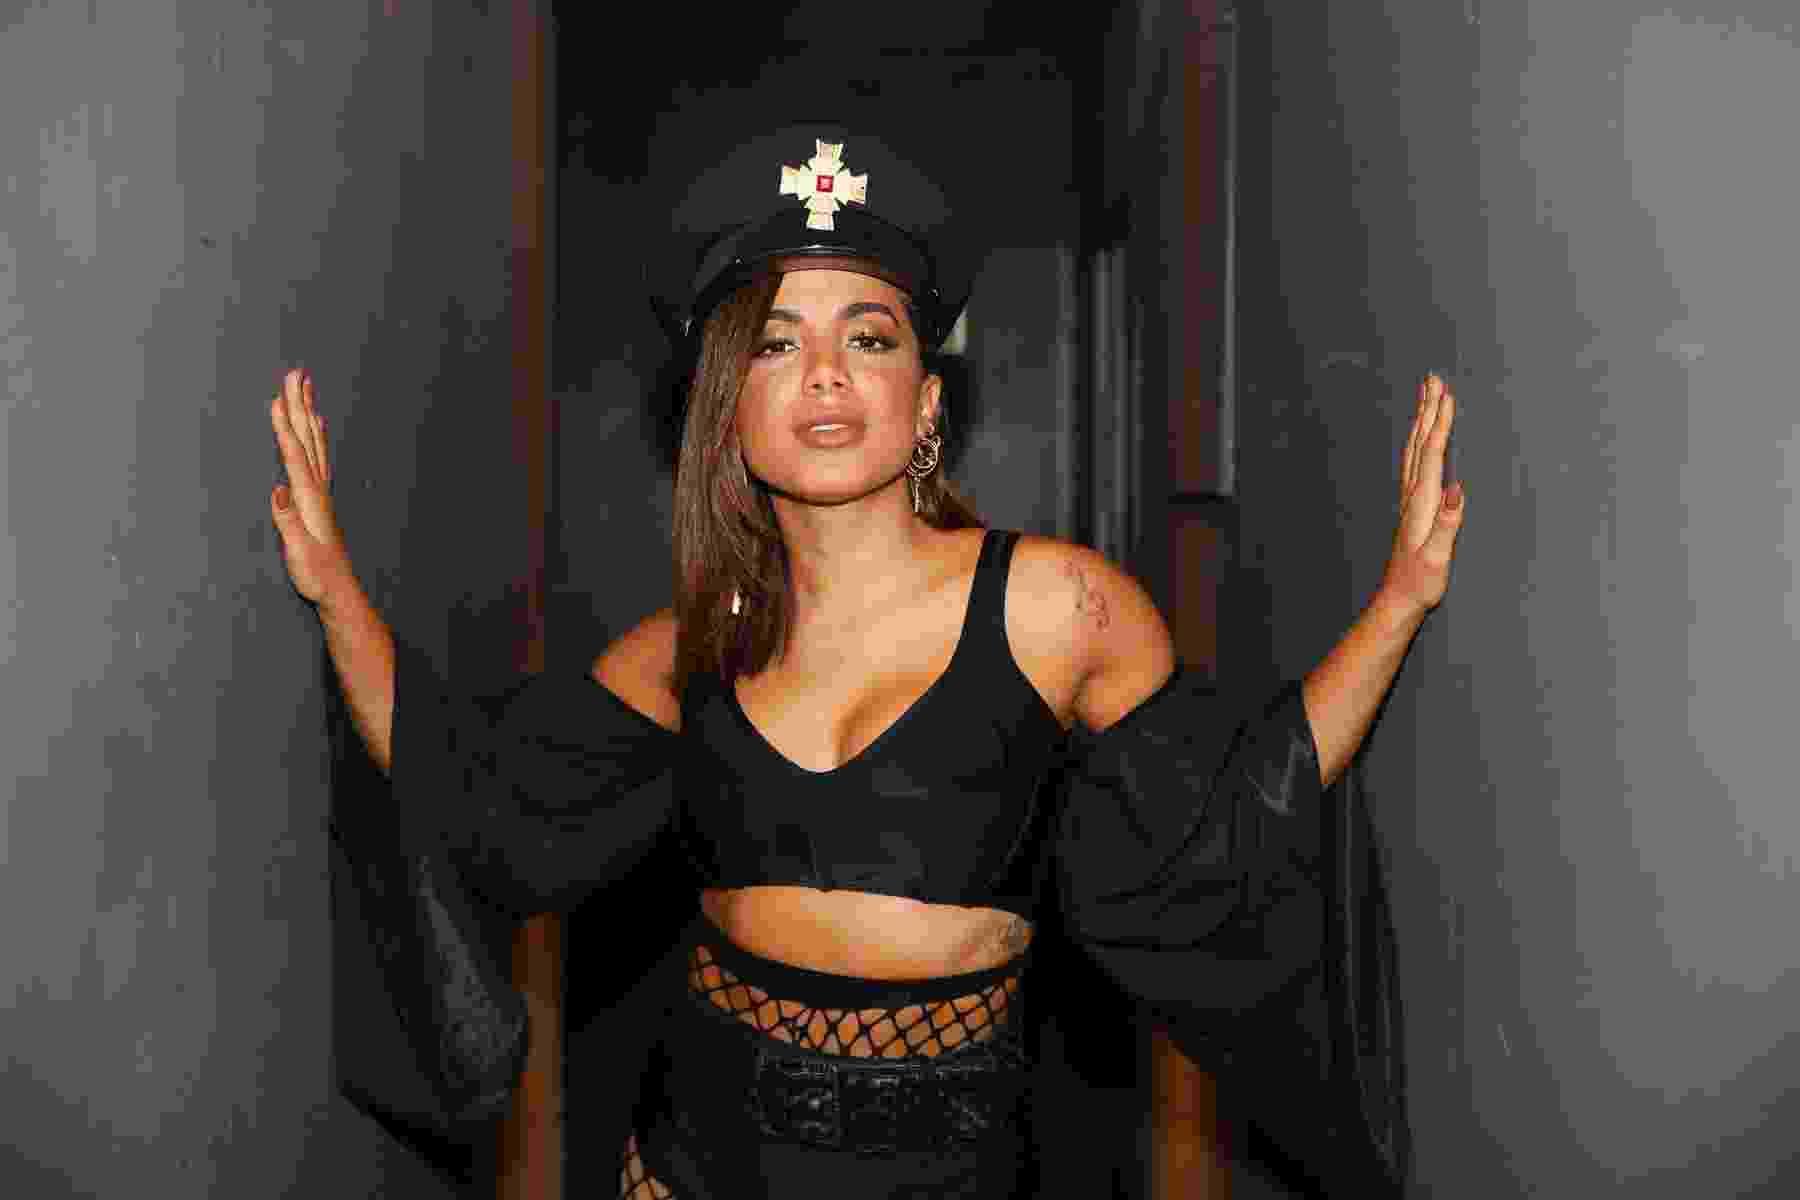 12.fev.2017- De top e decote, Anitta se apresenta no ensaio do Bloco das Poderosas na The Week em São Paulo na madrugada deste domingo - Felipe Panfili/Divulgação